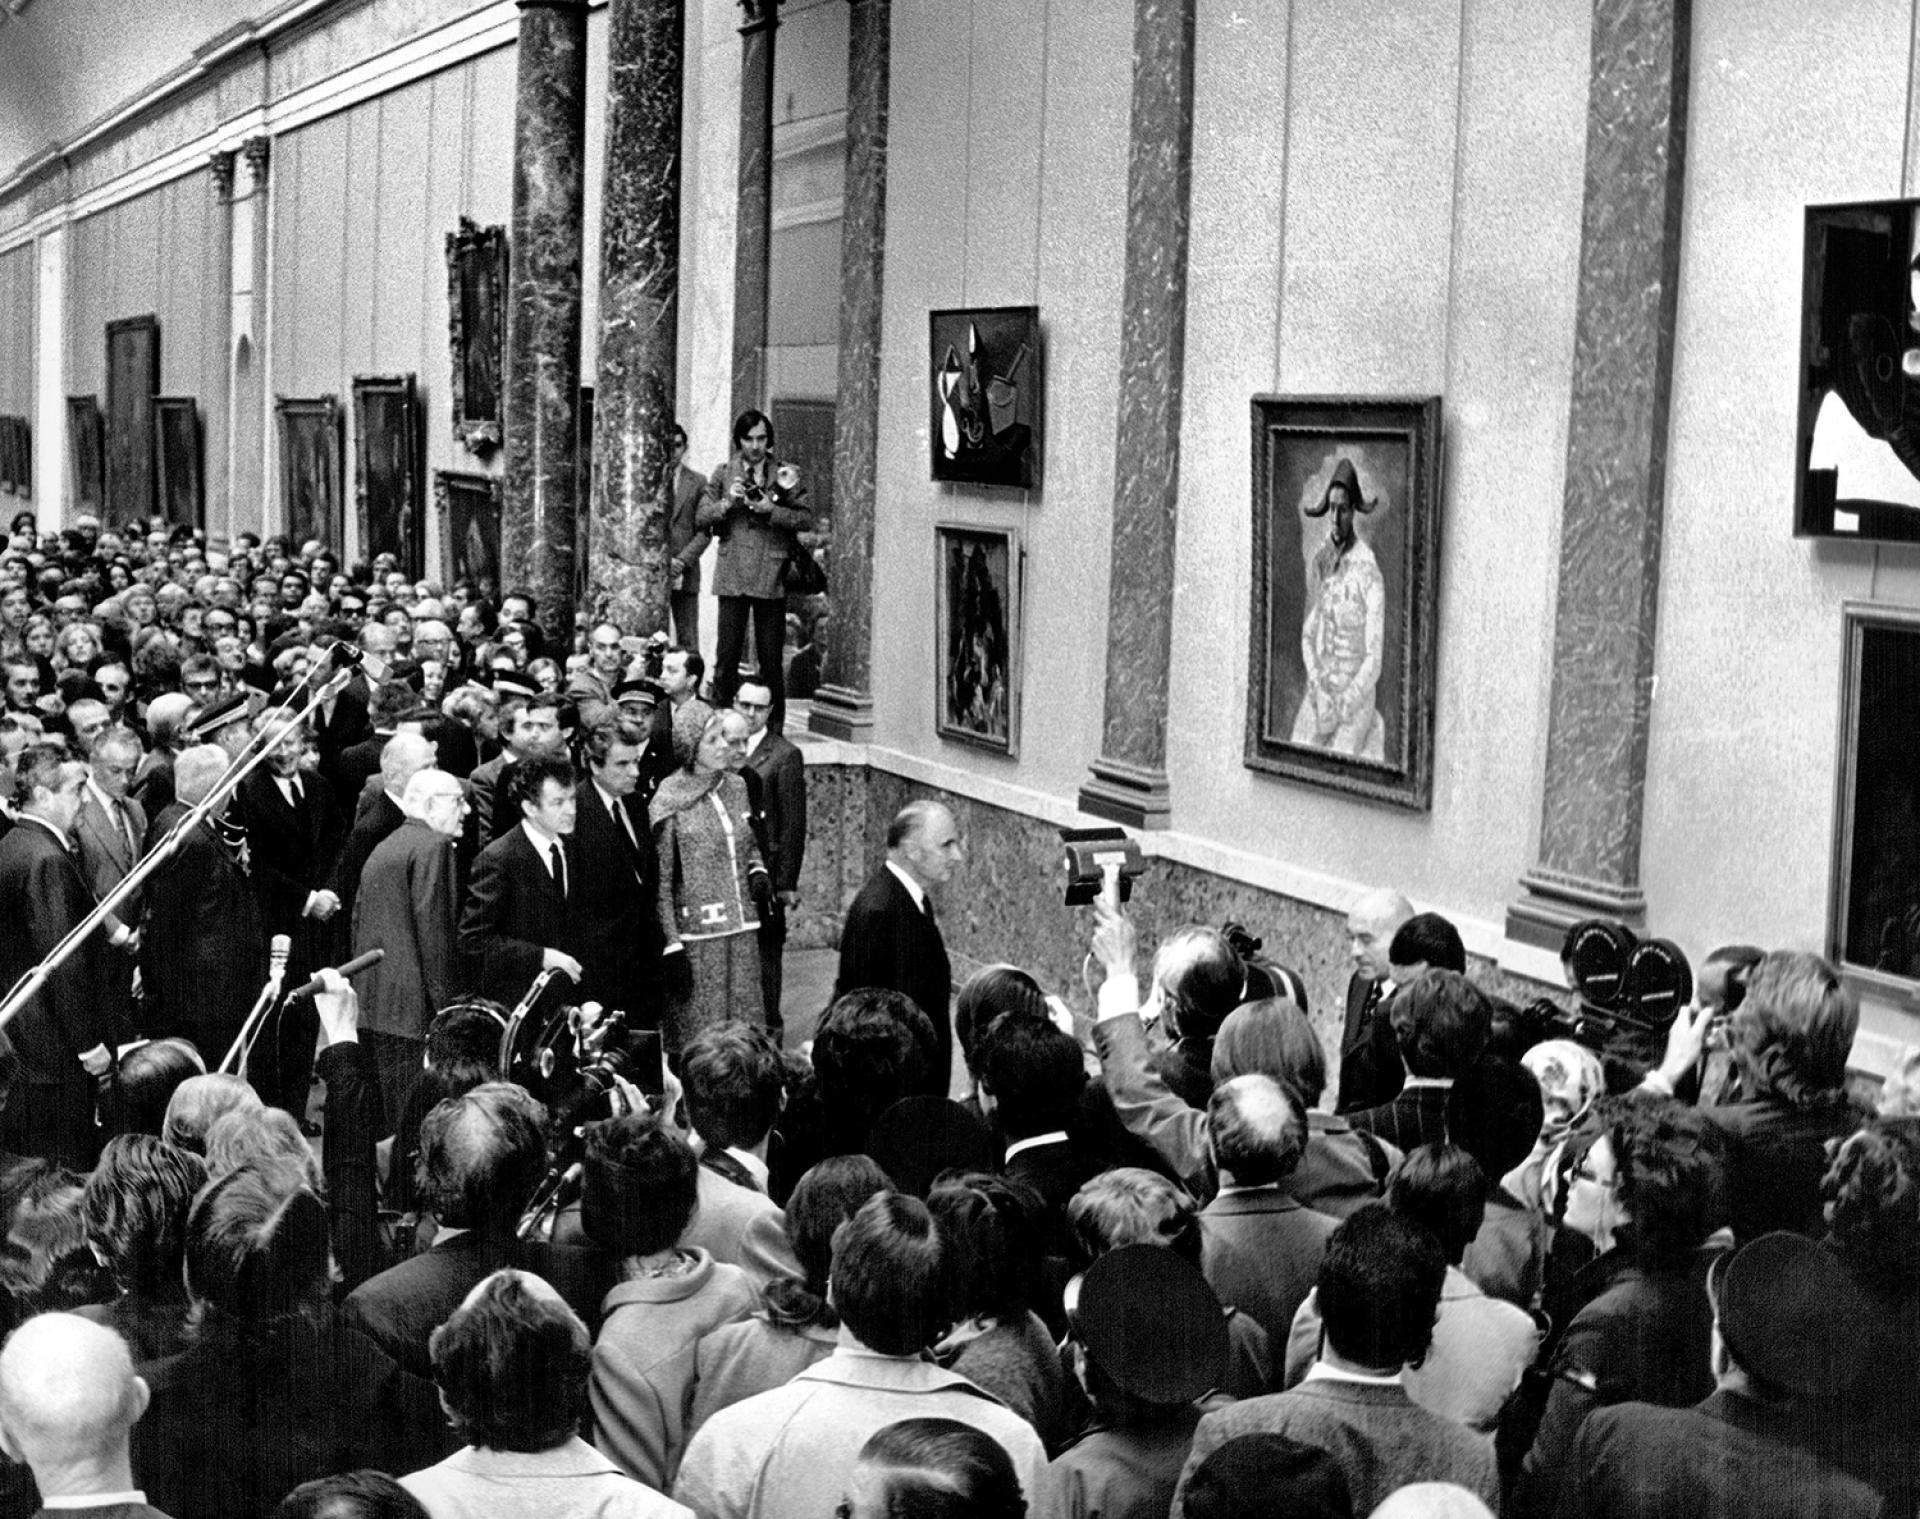 Le président Georges Pompidou face à l'«Arlequin», lors de l'inauguration de l'exposition «Picasso au Louvre», le 21octobre 1971.